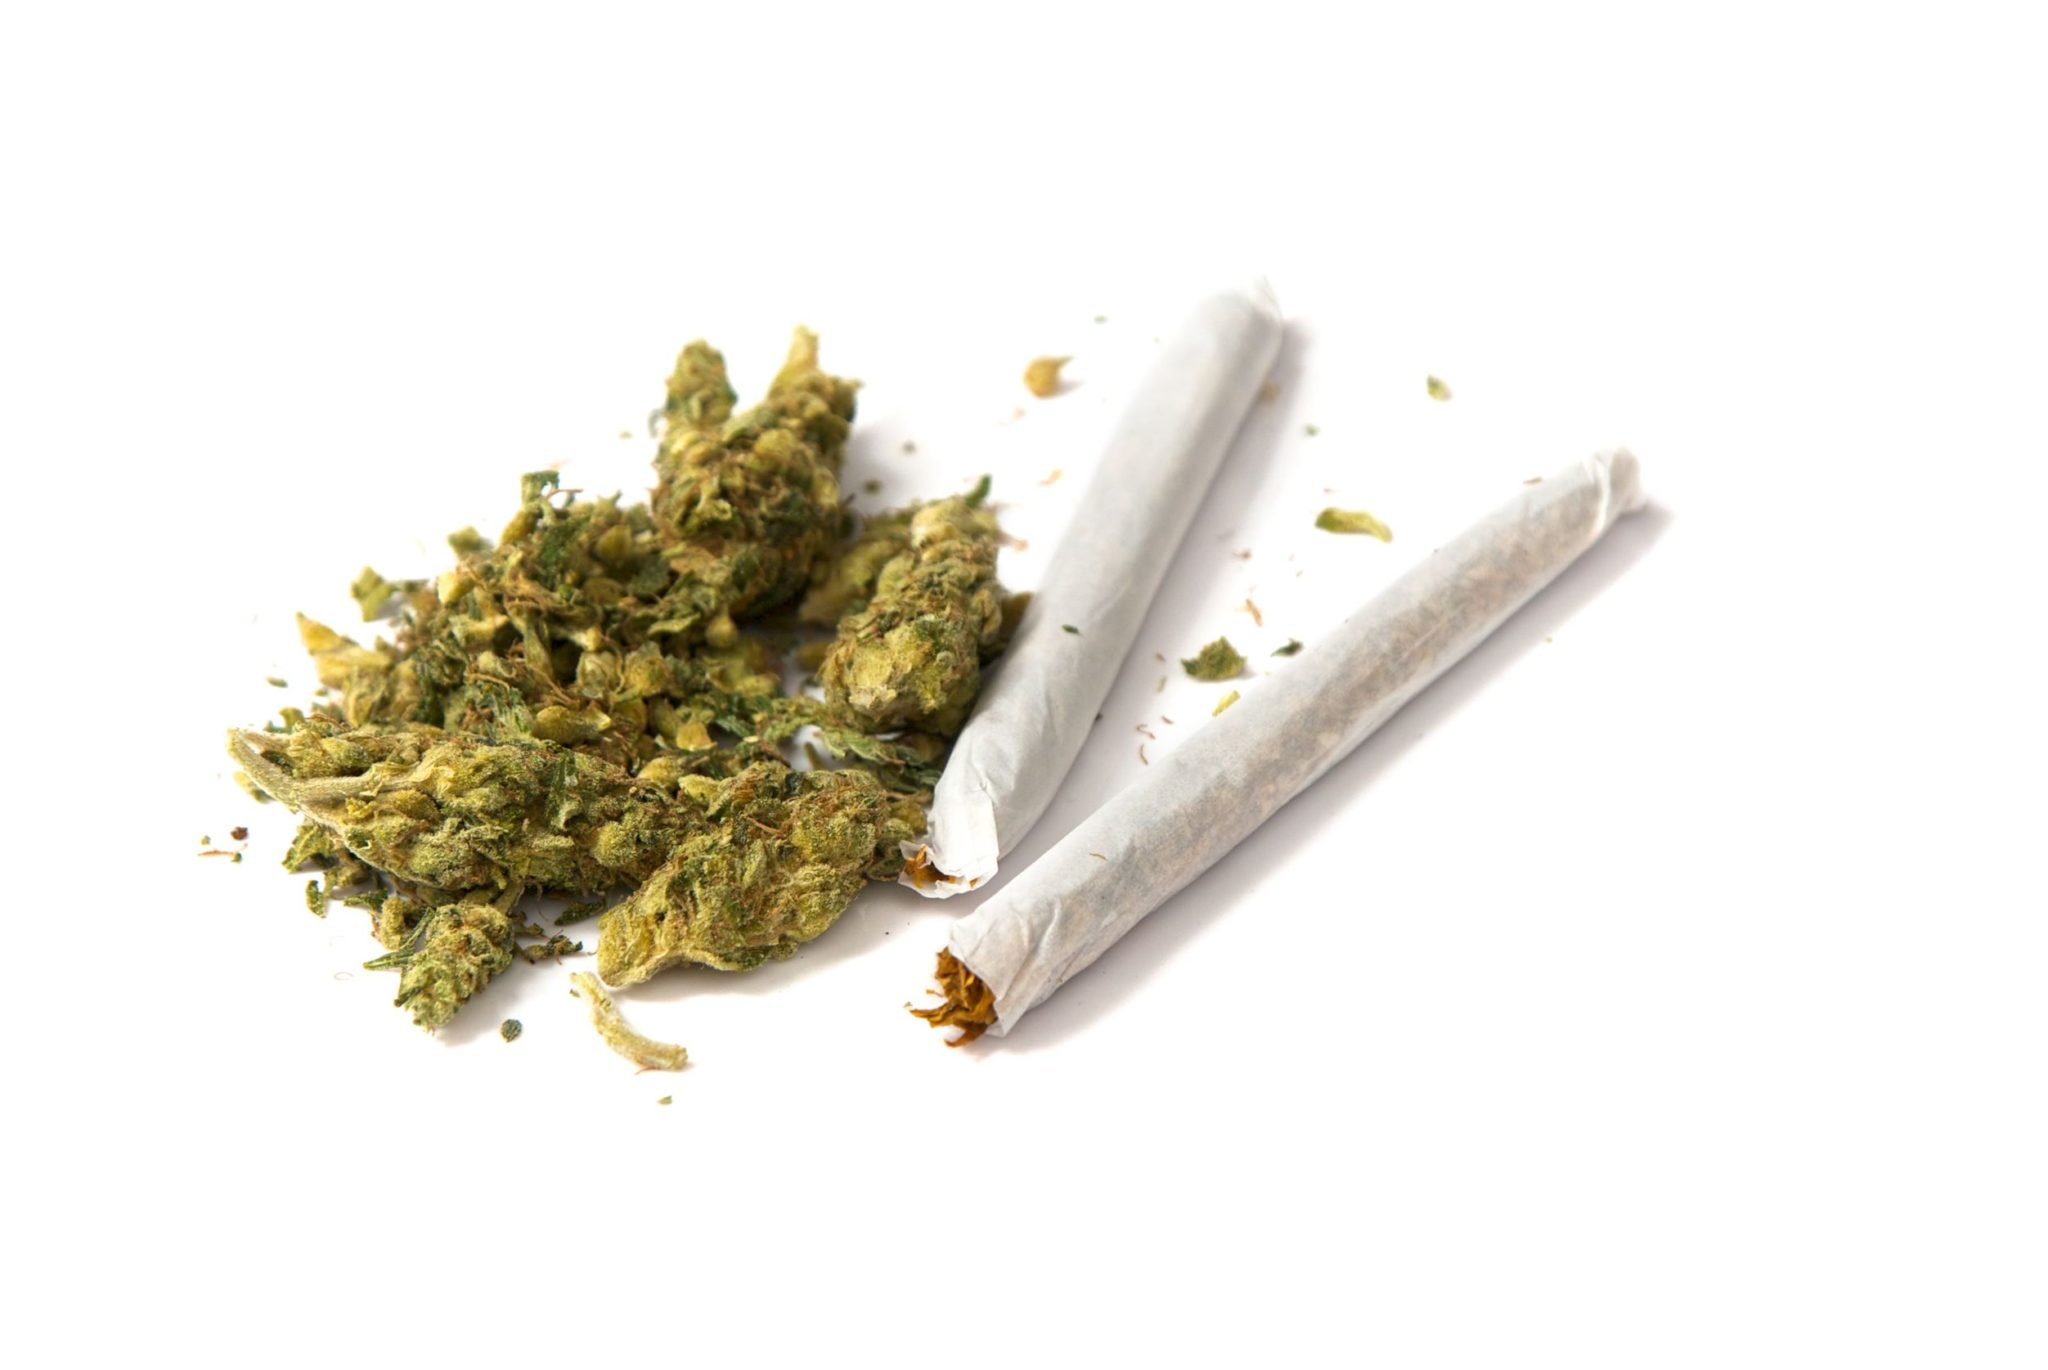 libero pot fumatori sito di incontri